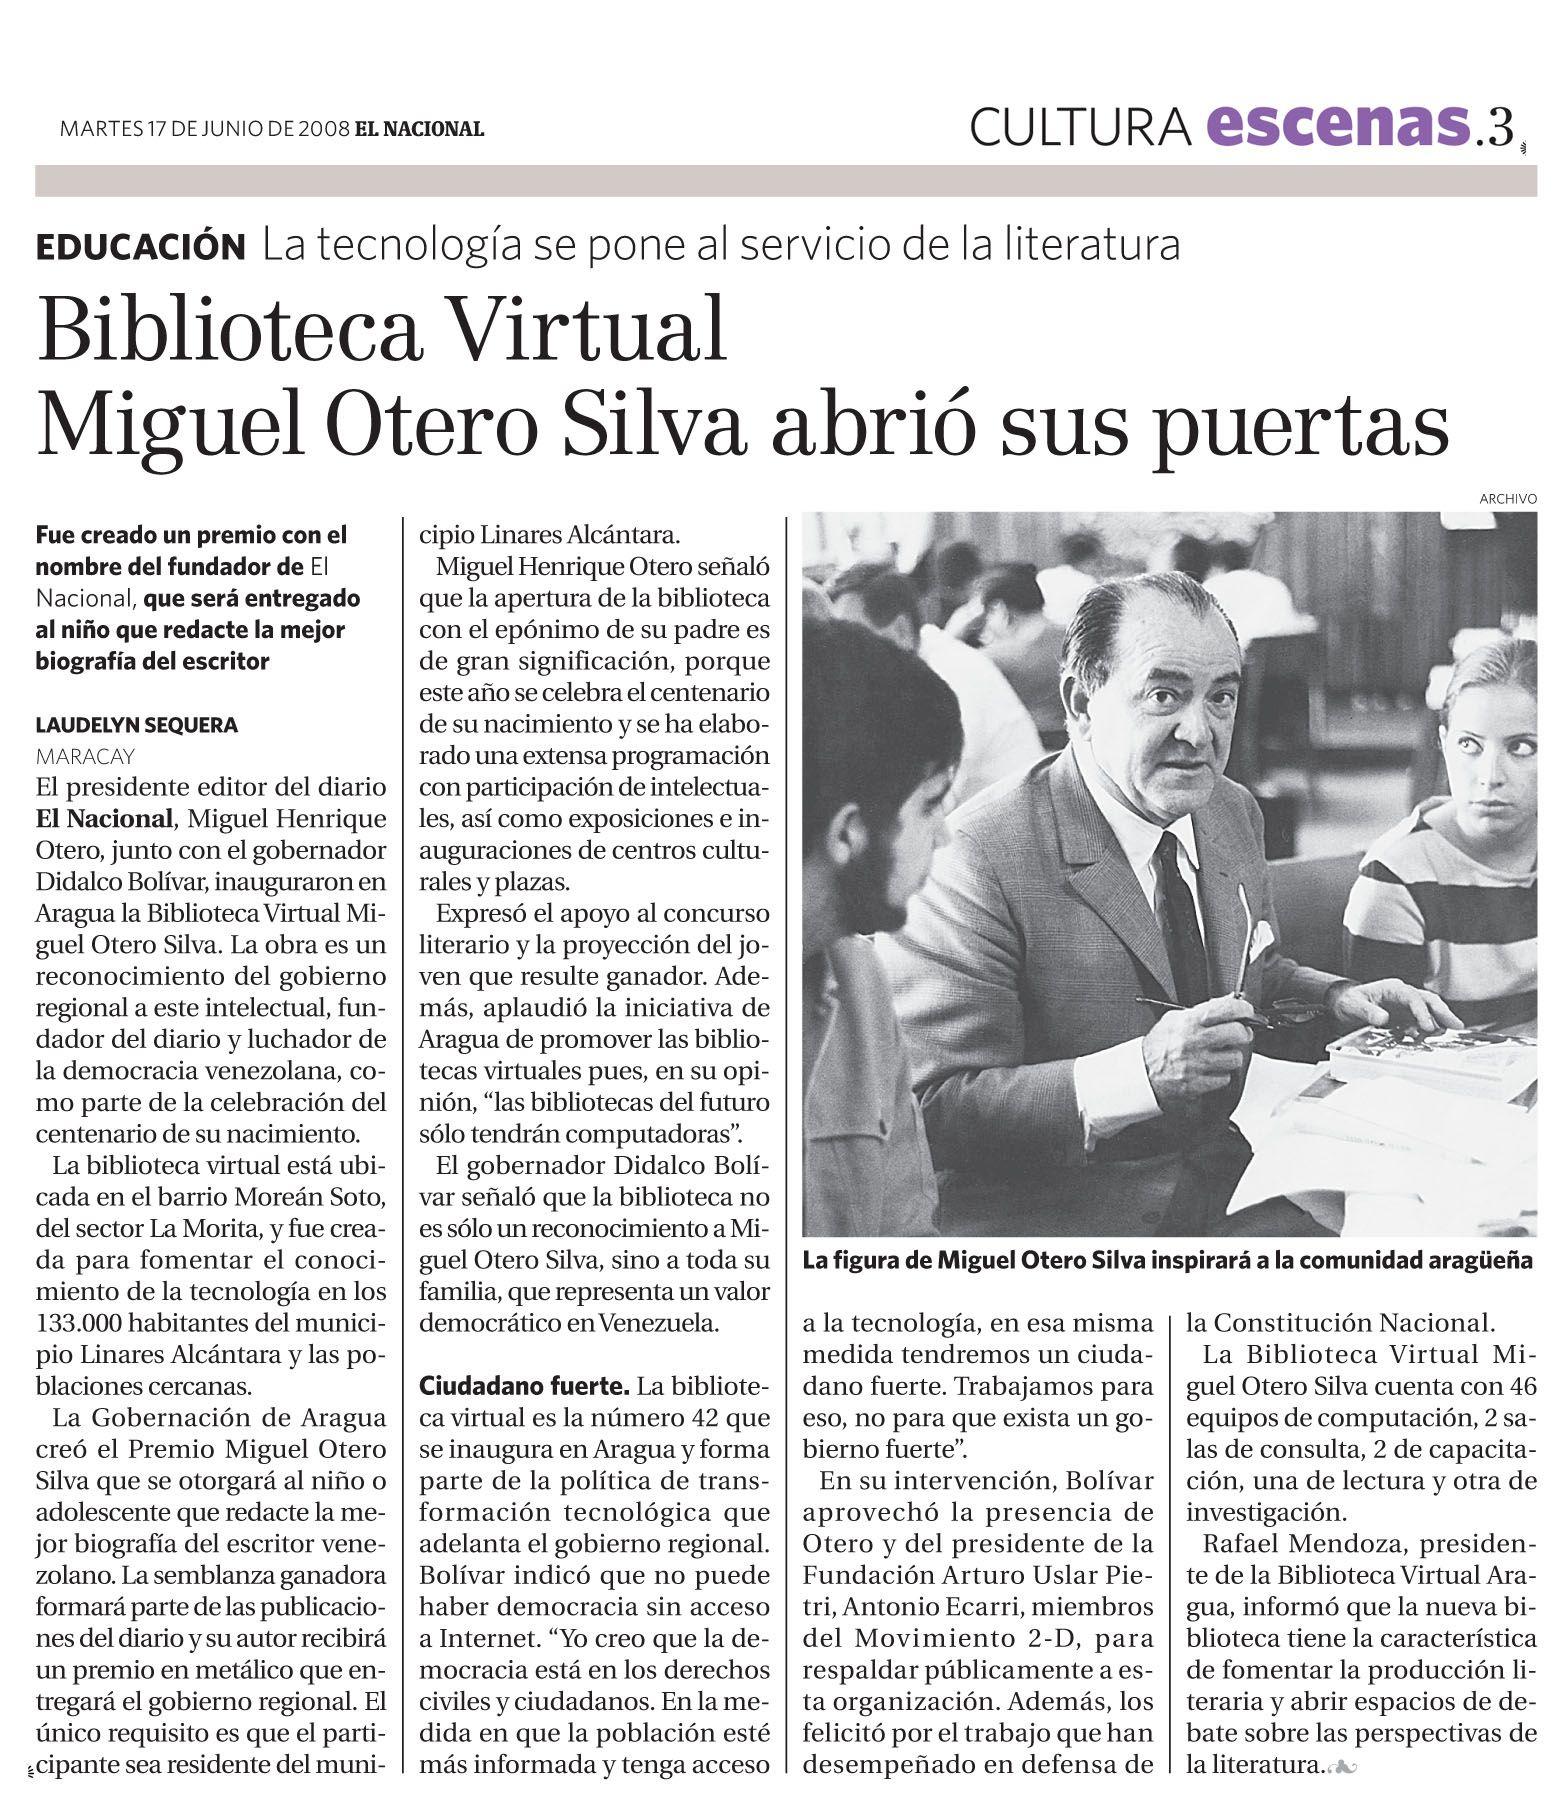 Publicado por El Nacional el 17 de junio de 2008